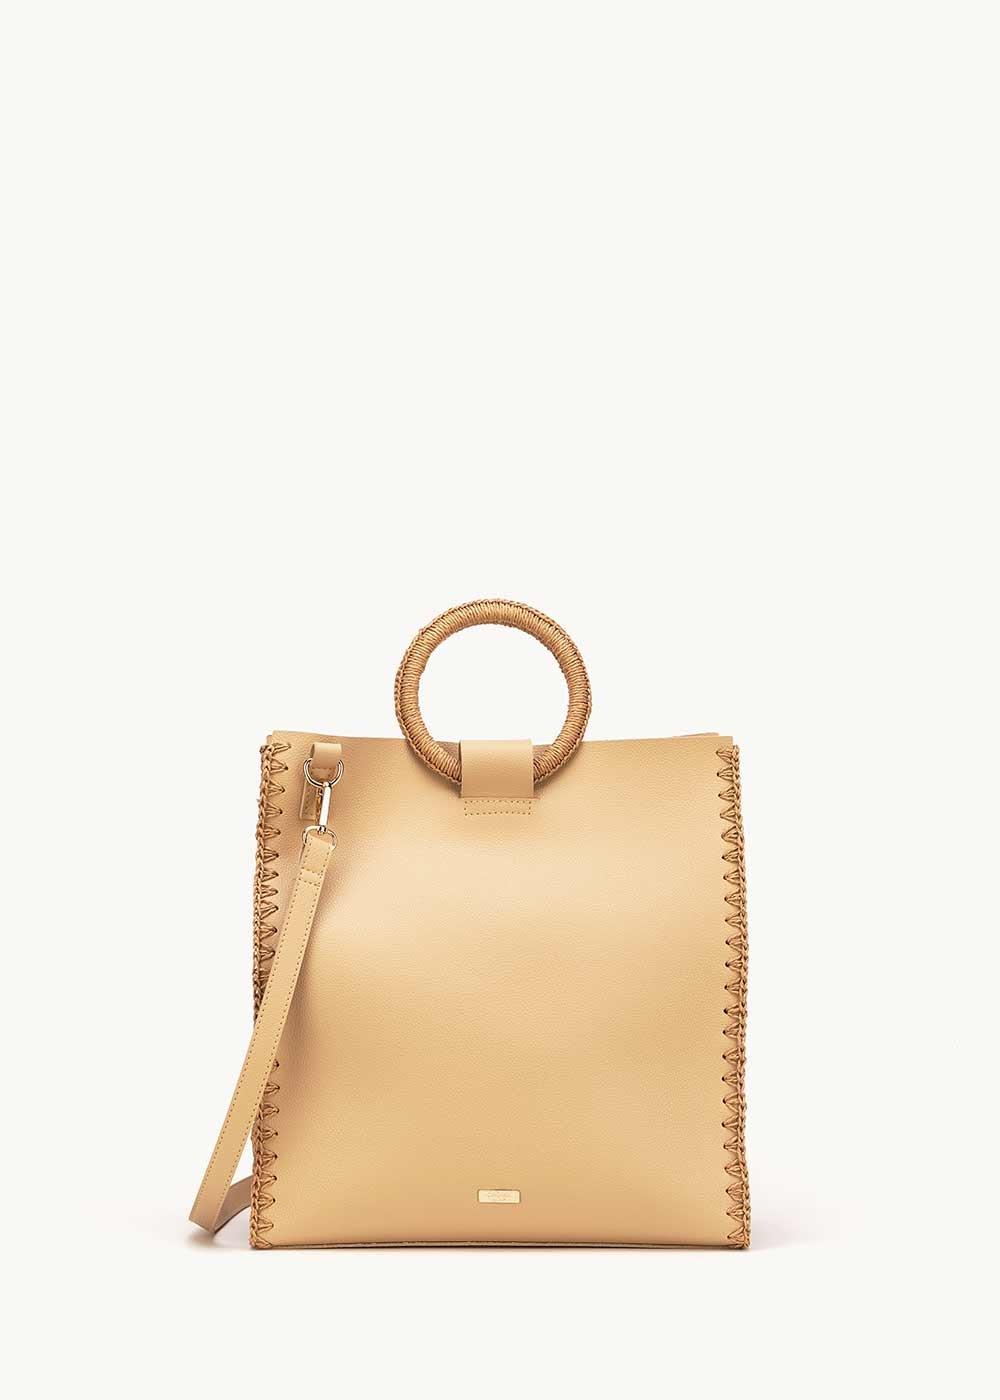 Bryan big bag with circular handles - Safari - Woman